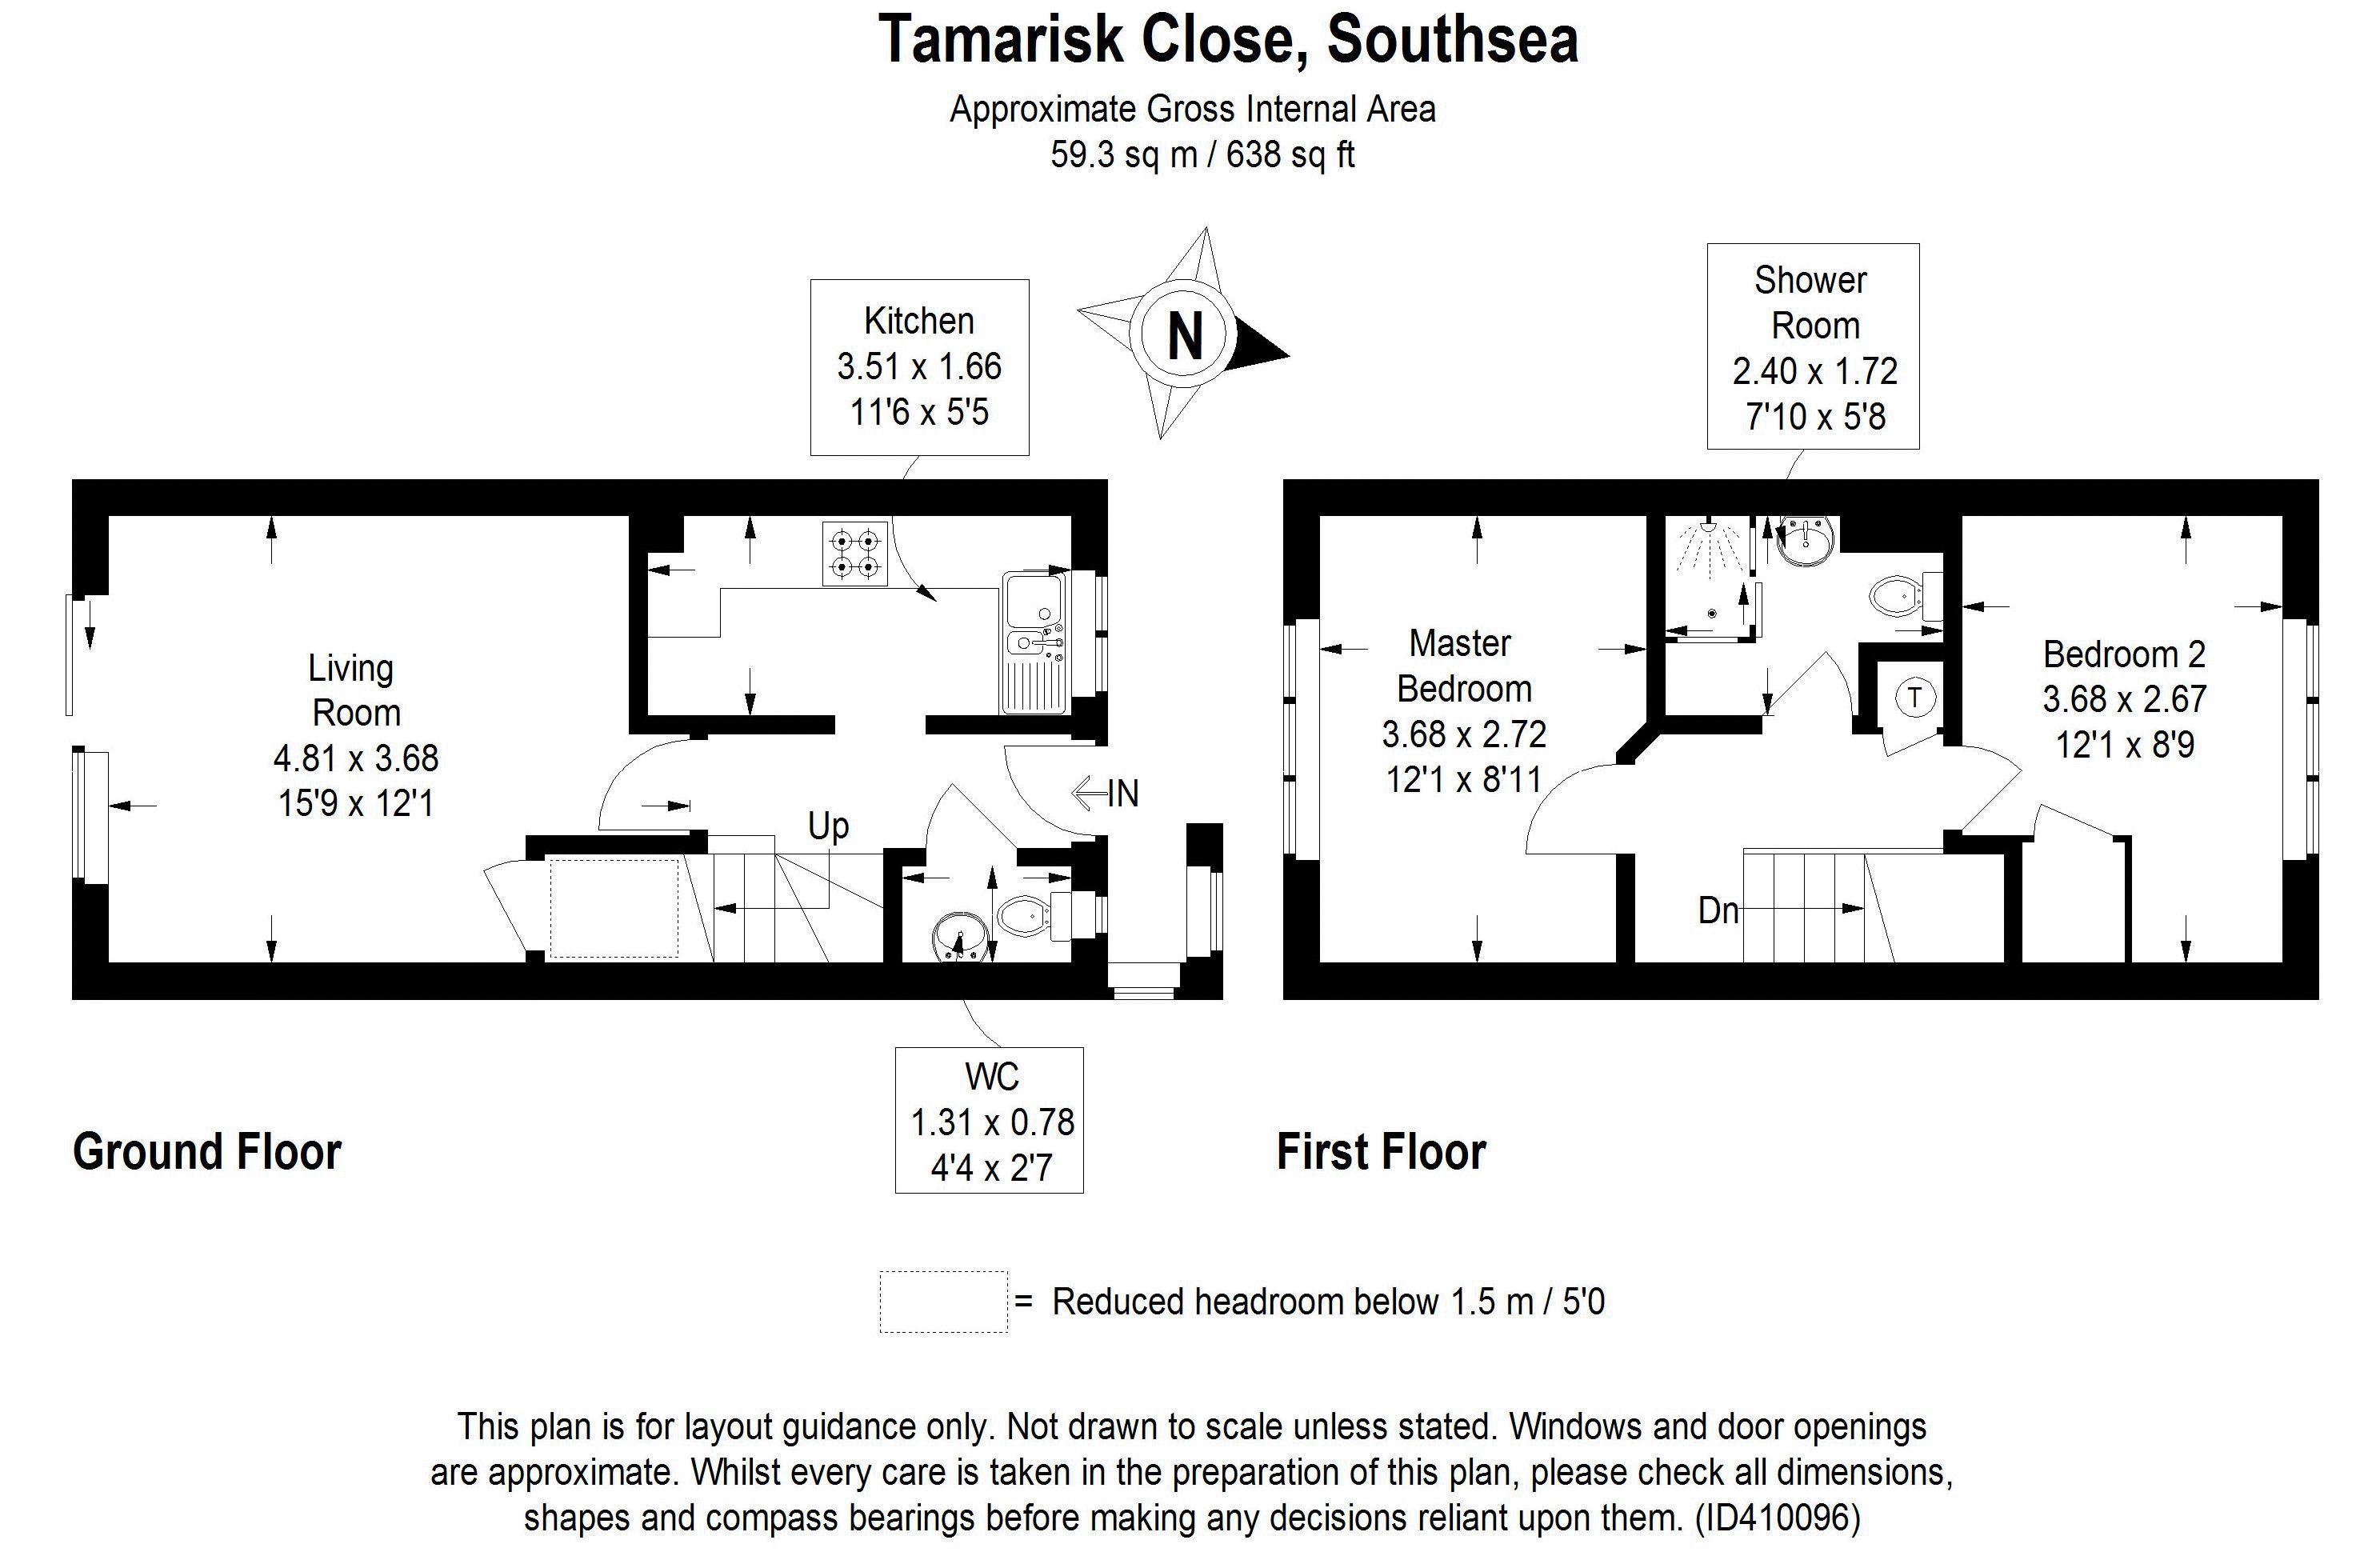 Tamarisk Close